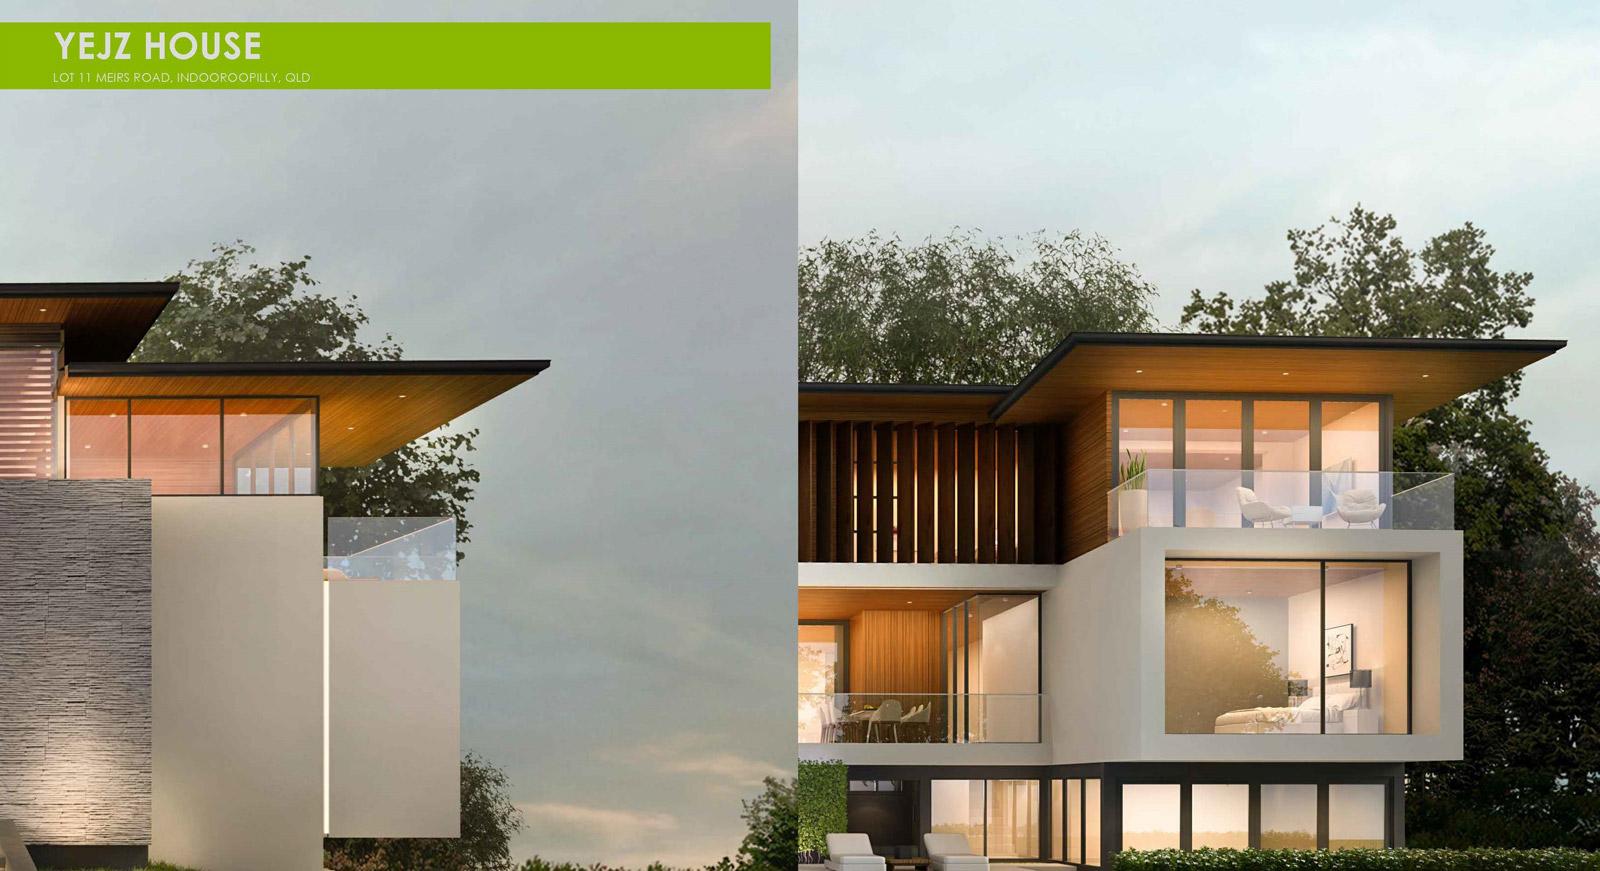 Yejz House